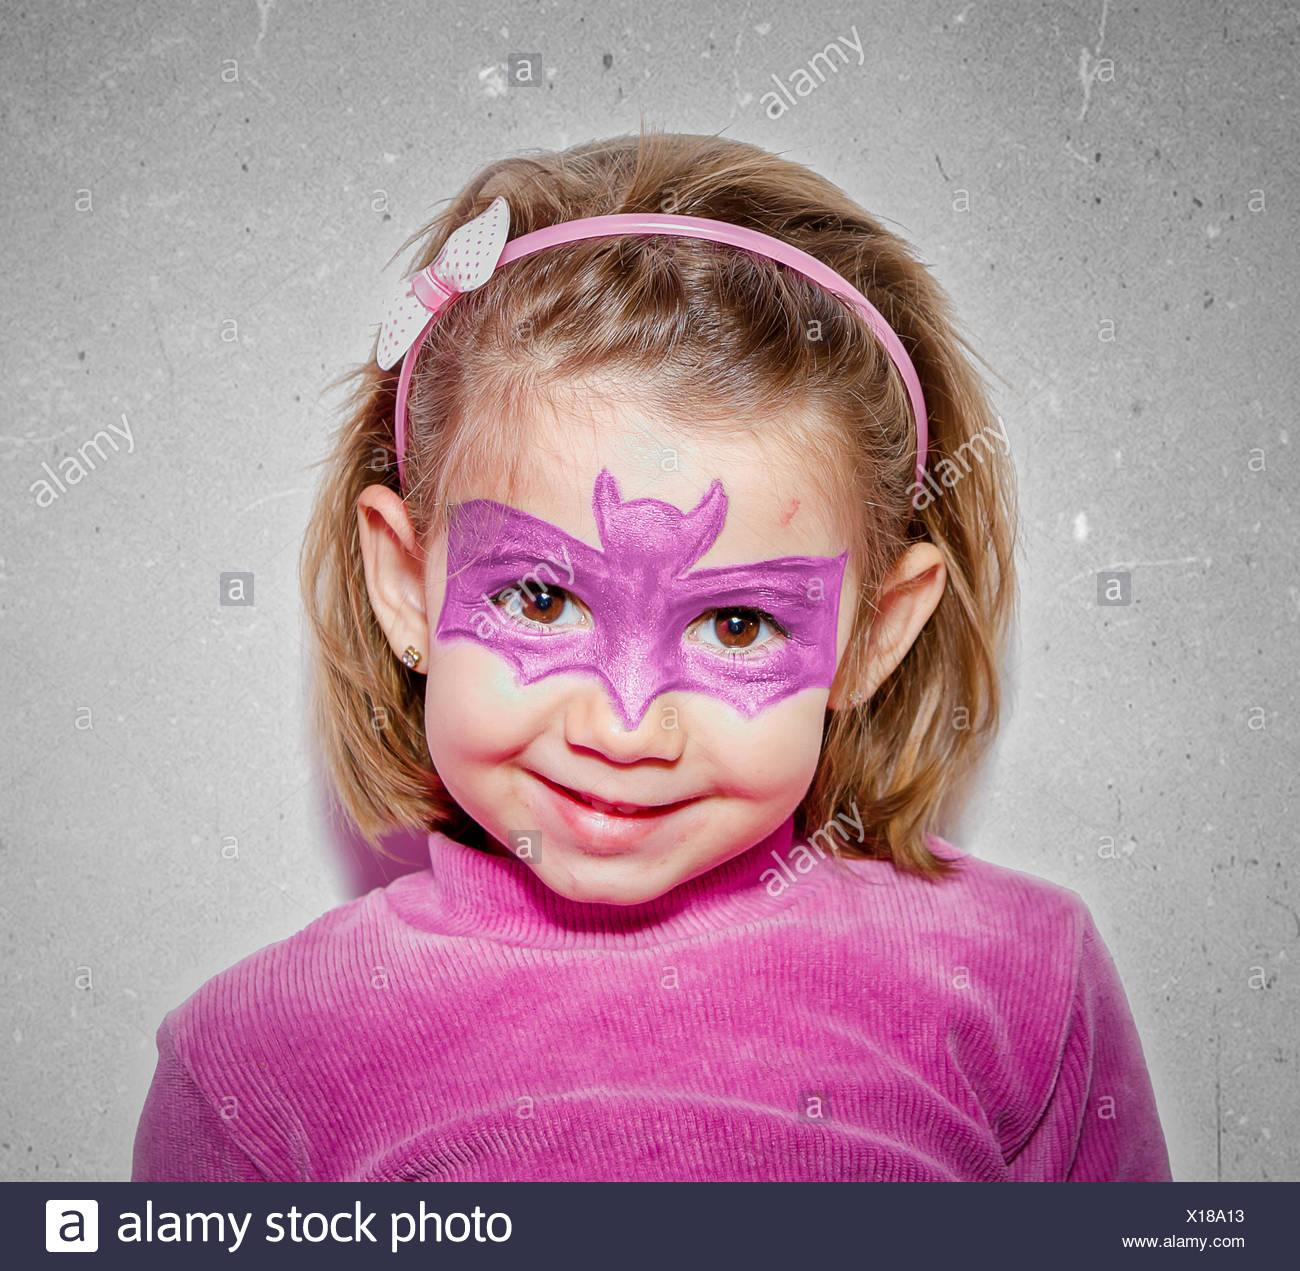 Girl (2-3) with bat dessiné sur le visage Banque D'Images